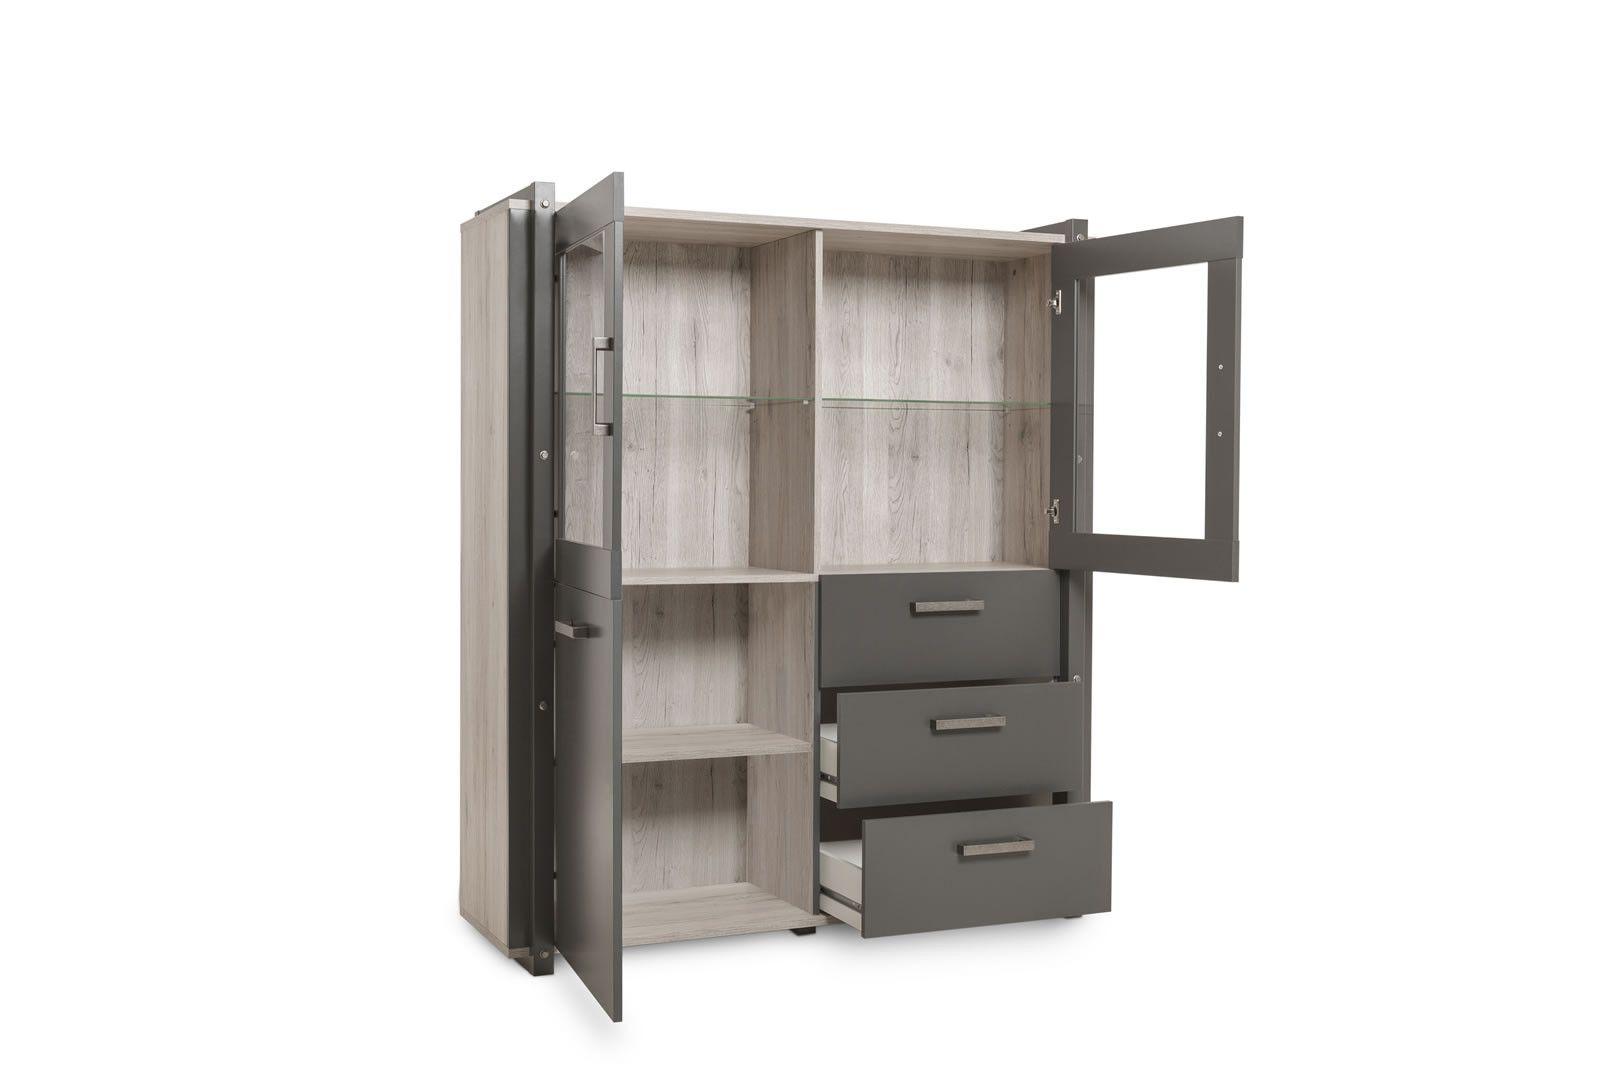 vaisselier vaisselier bas 3 portes 3 tiroirs grisli style industriel trocity. Black Bedroom Furniture Sets. Home Design Ideas